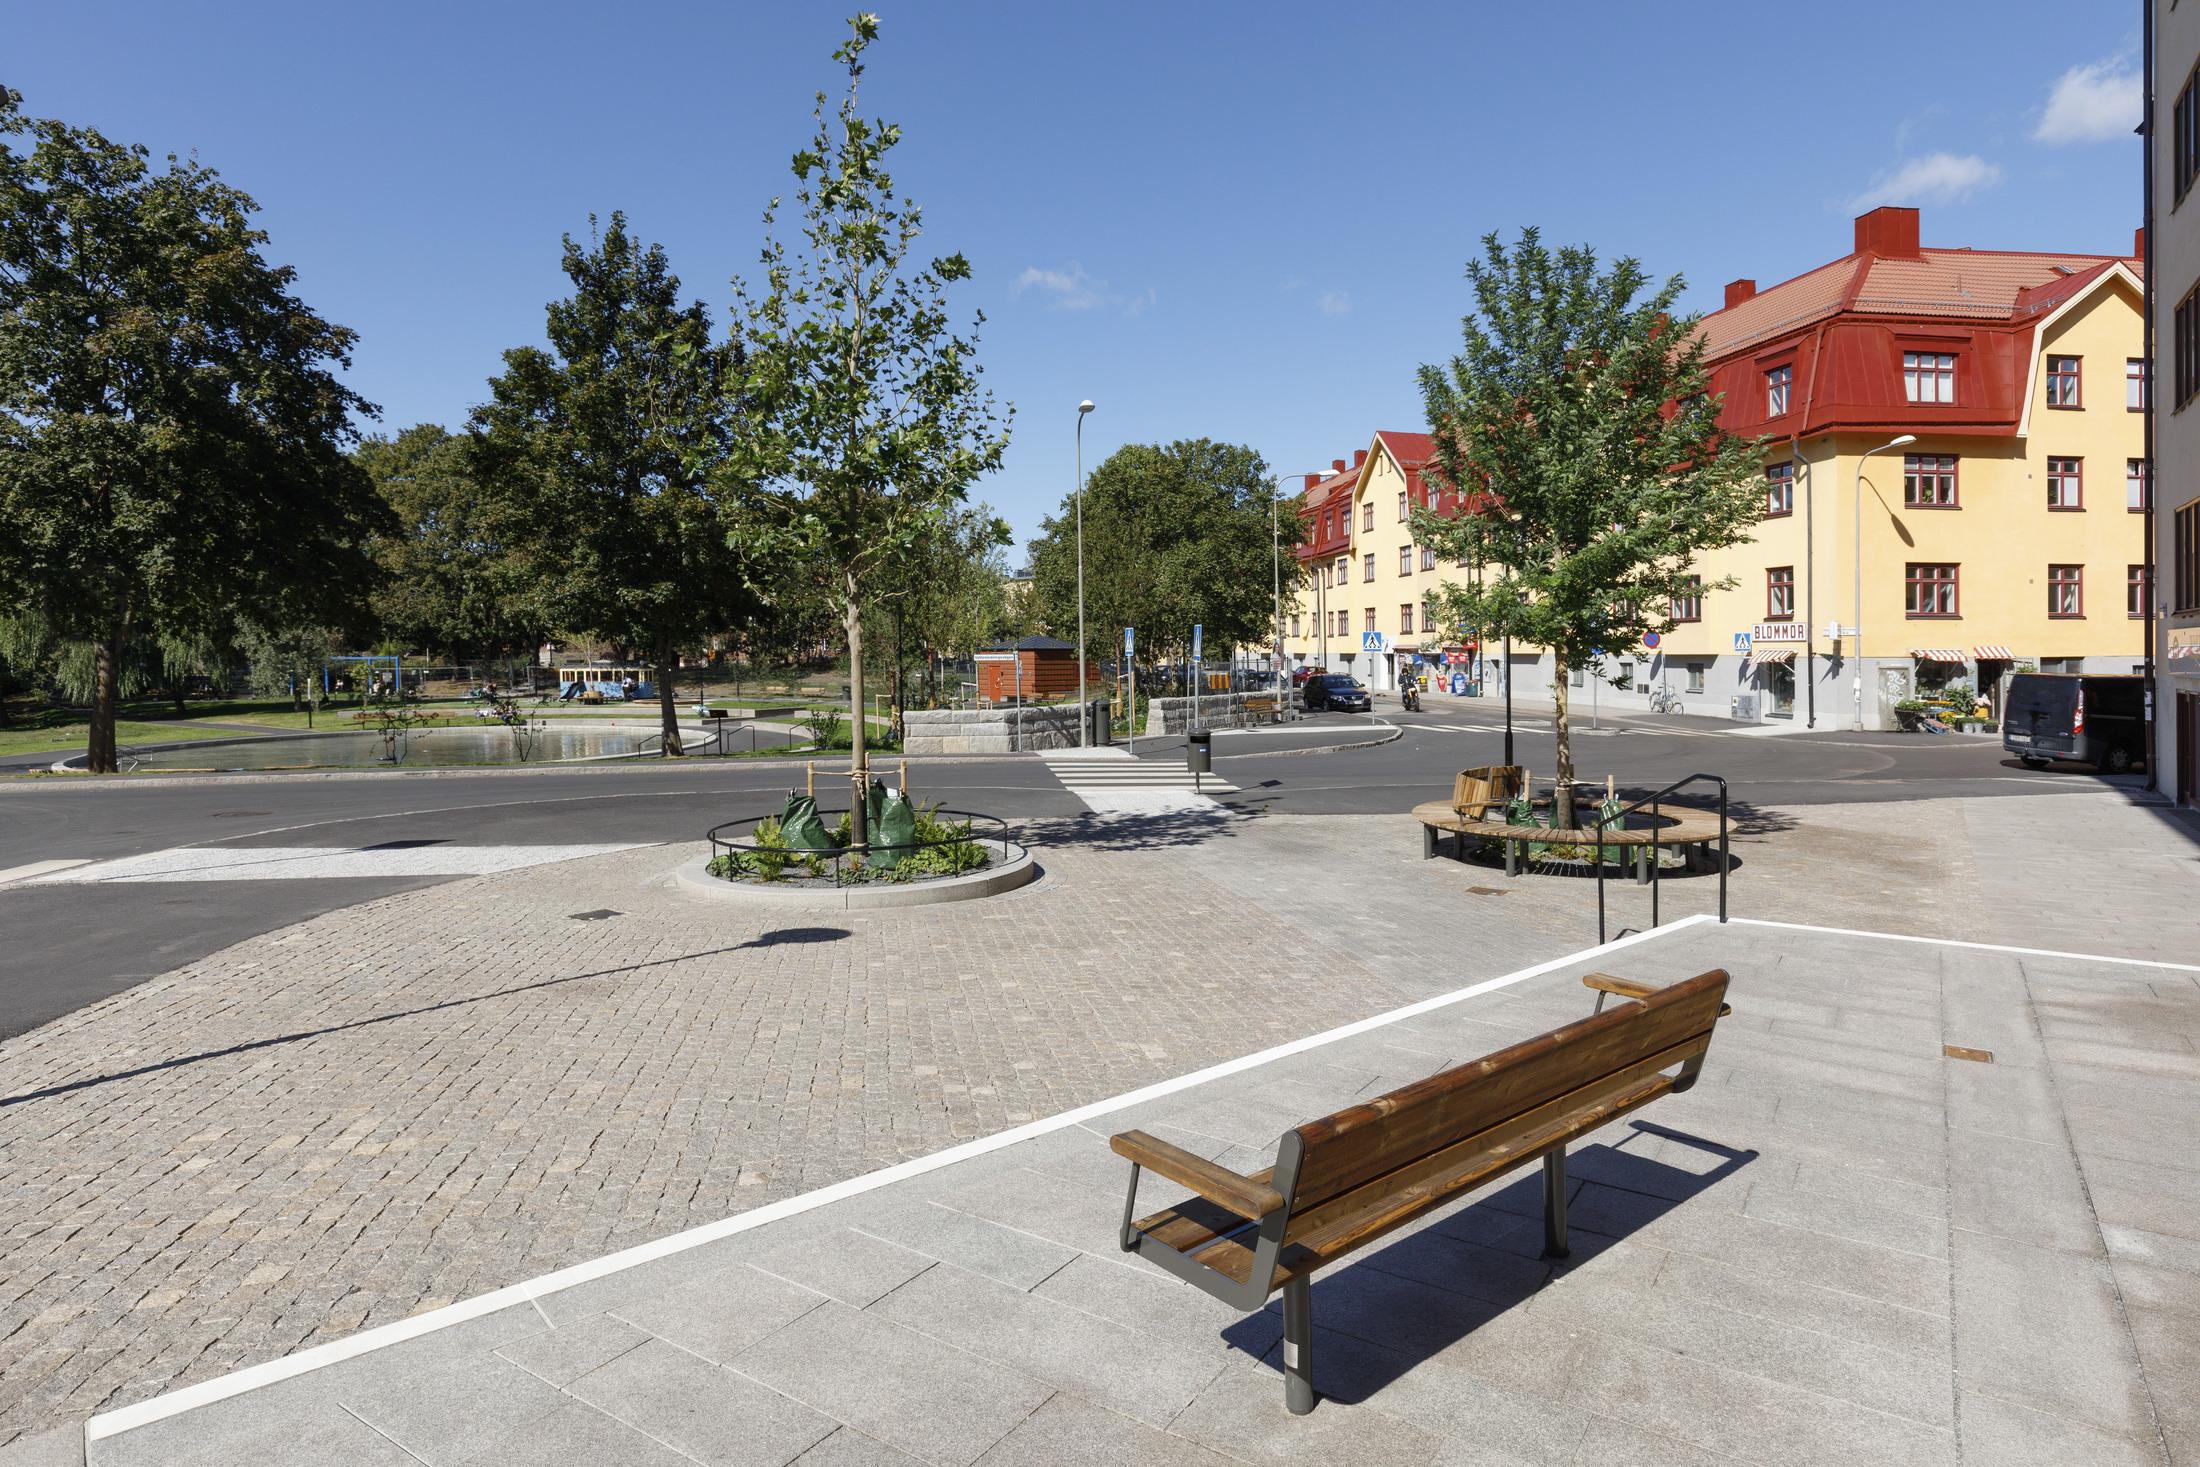 Utsikt över plaskdamm och lekplats i Svandammsparken